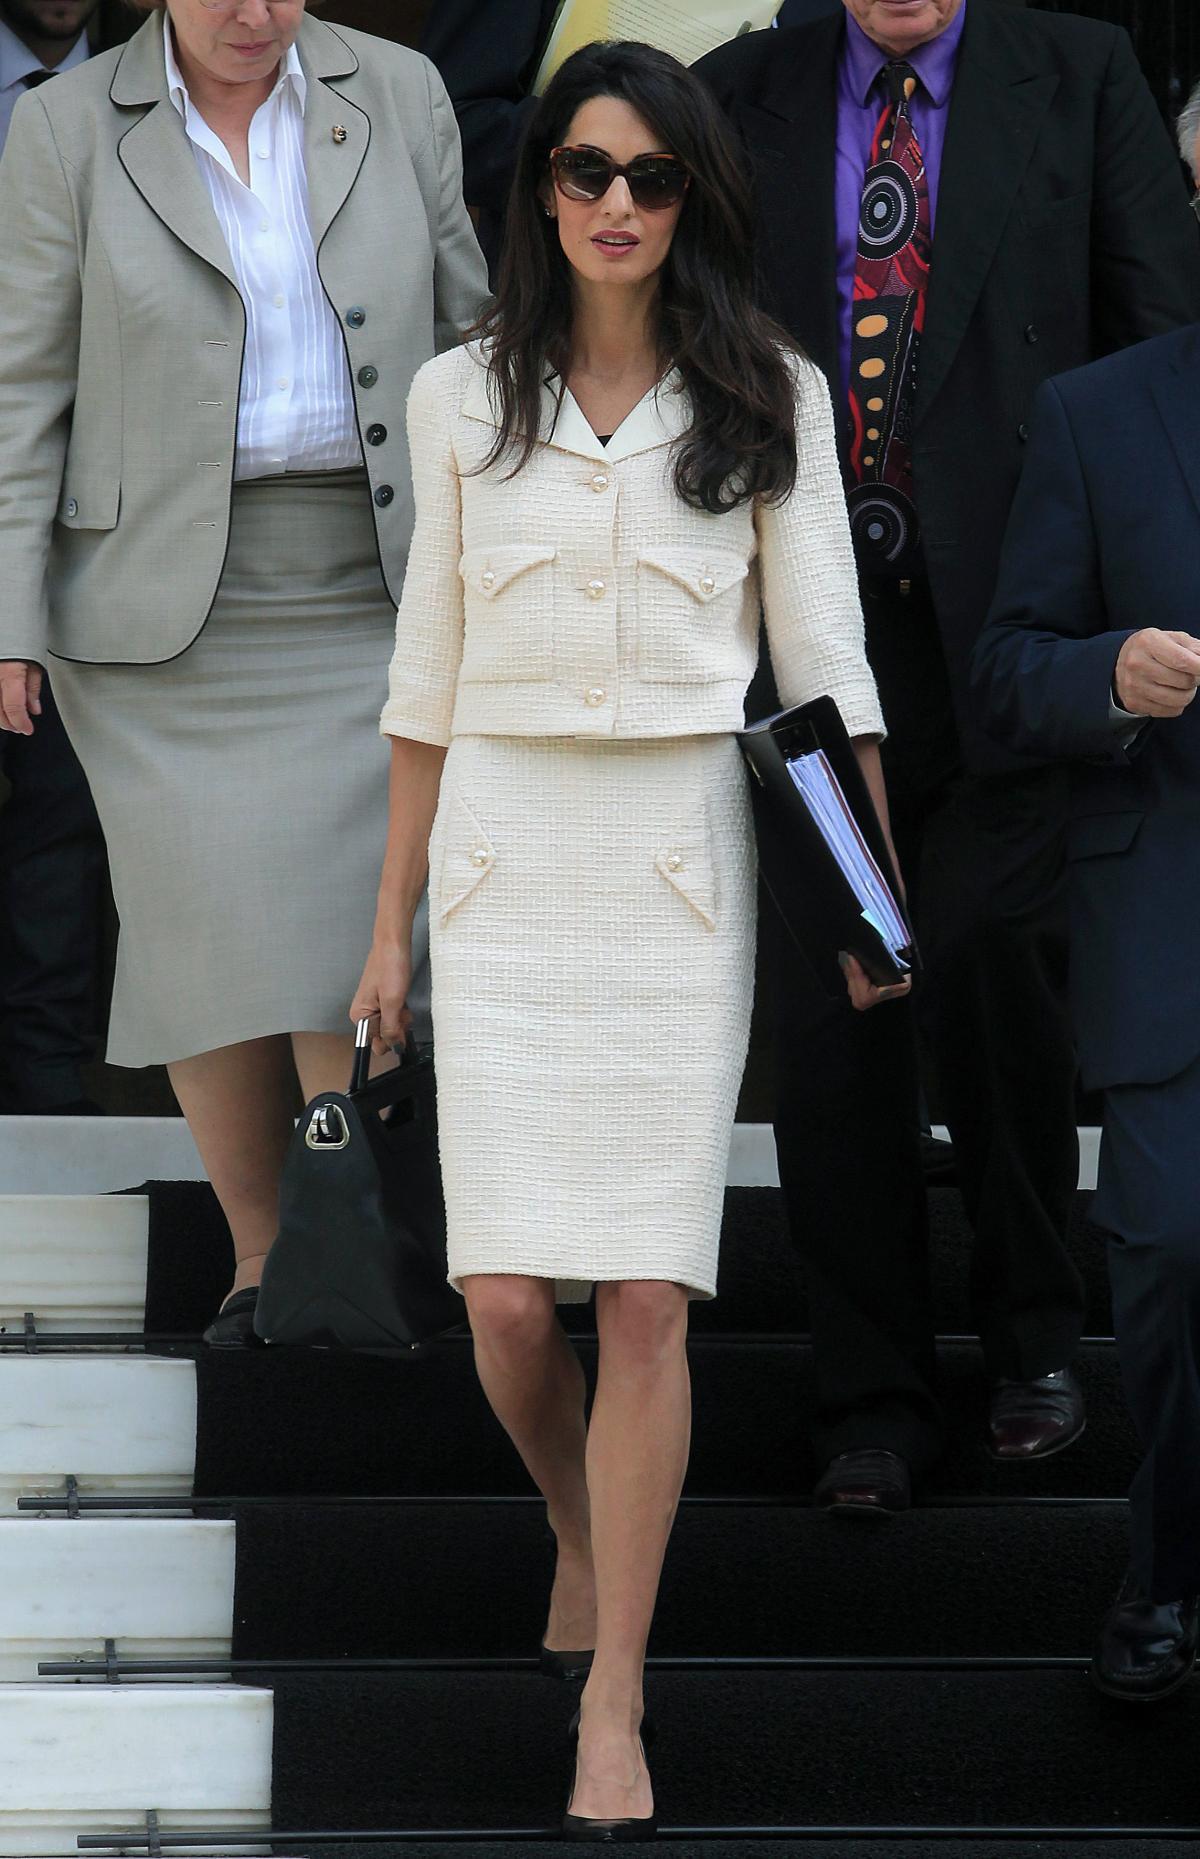 Pencil skirt suit